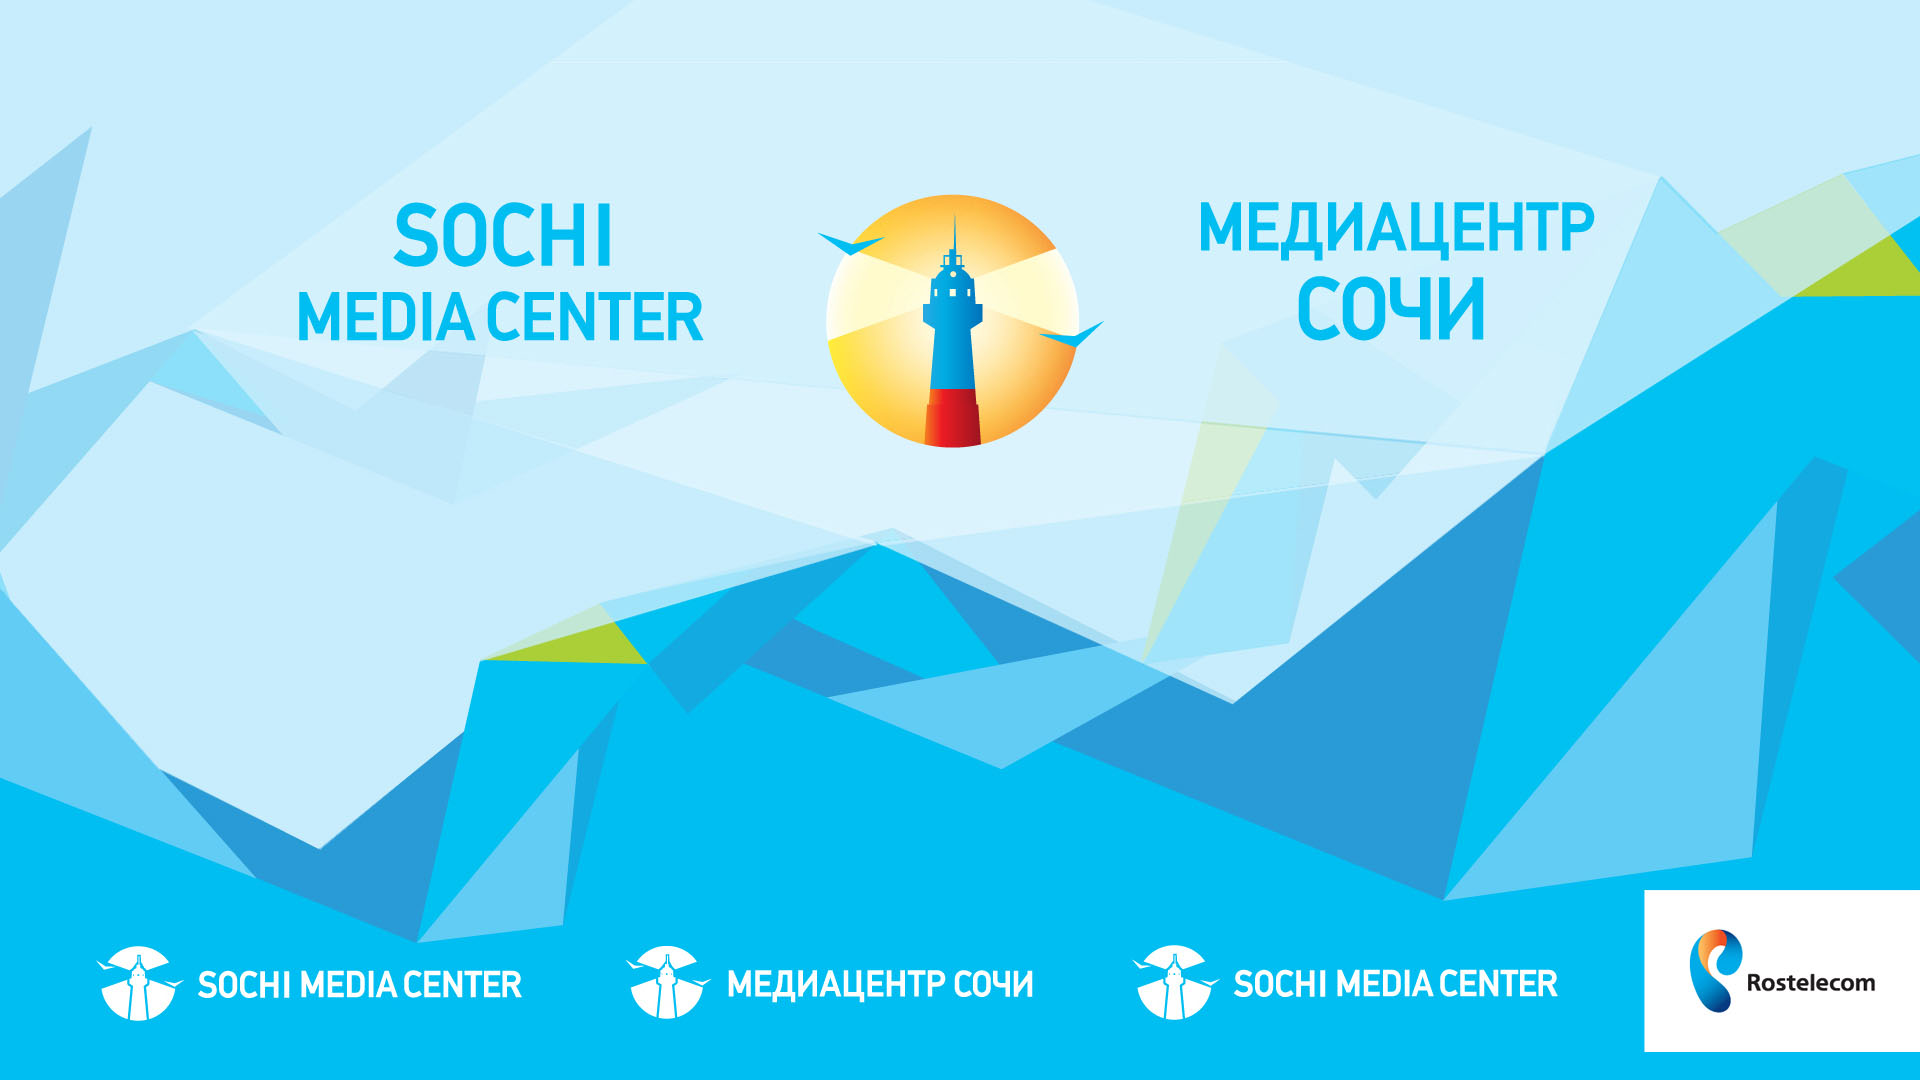 Olympic Games. Sochi, 2014